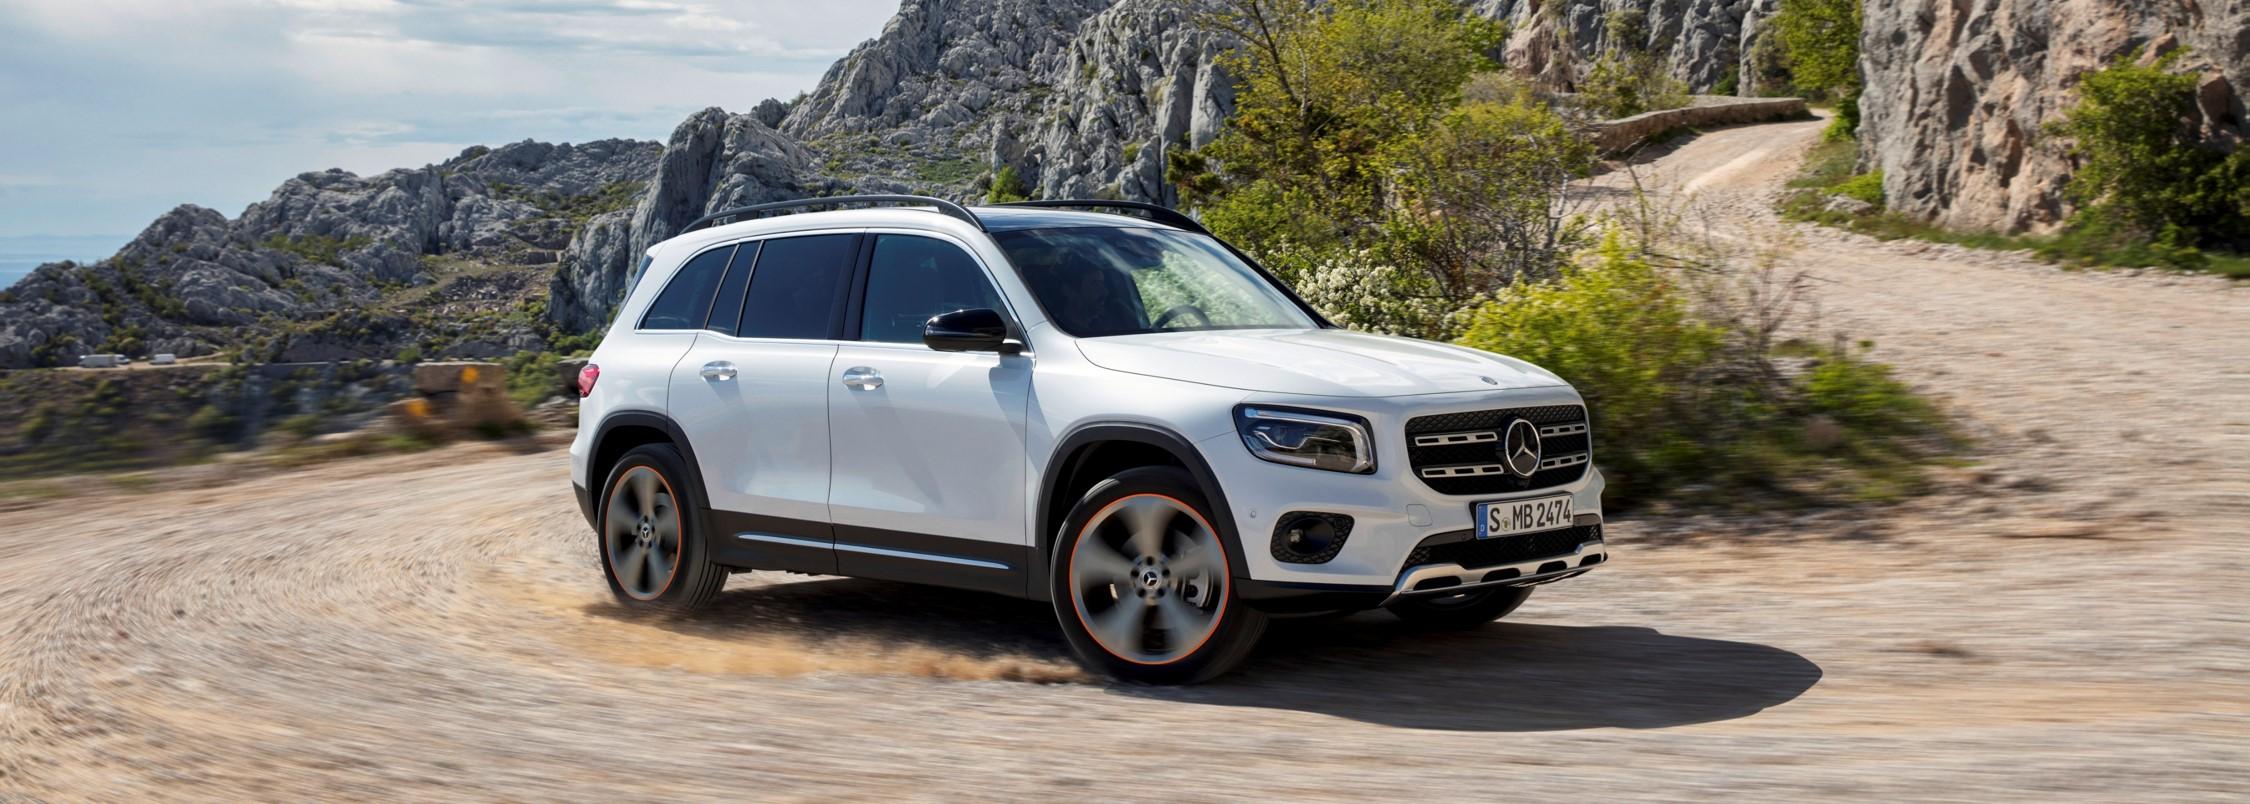 Mercedes-Benz updates SUV range